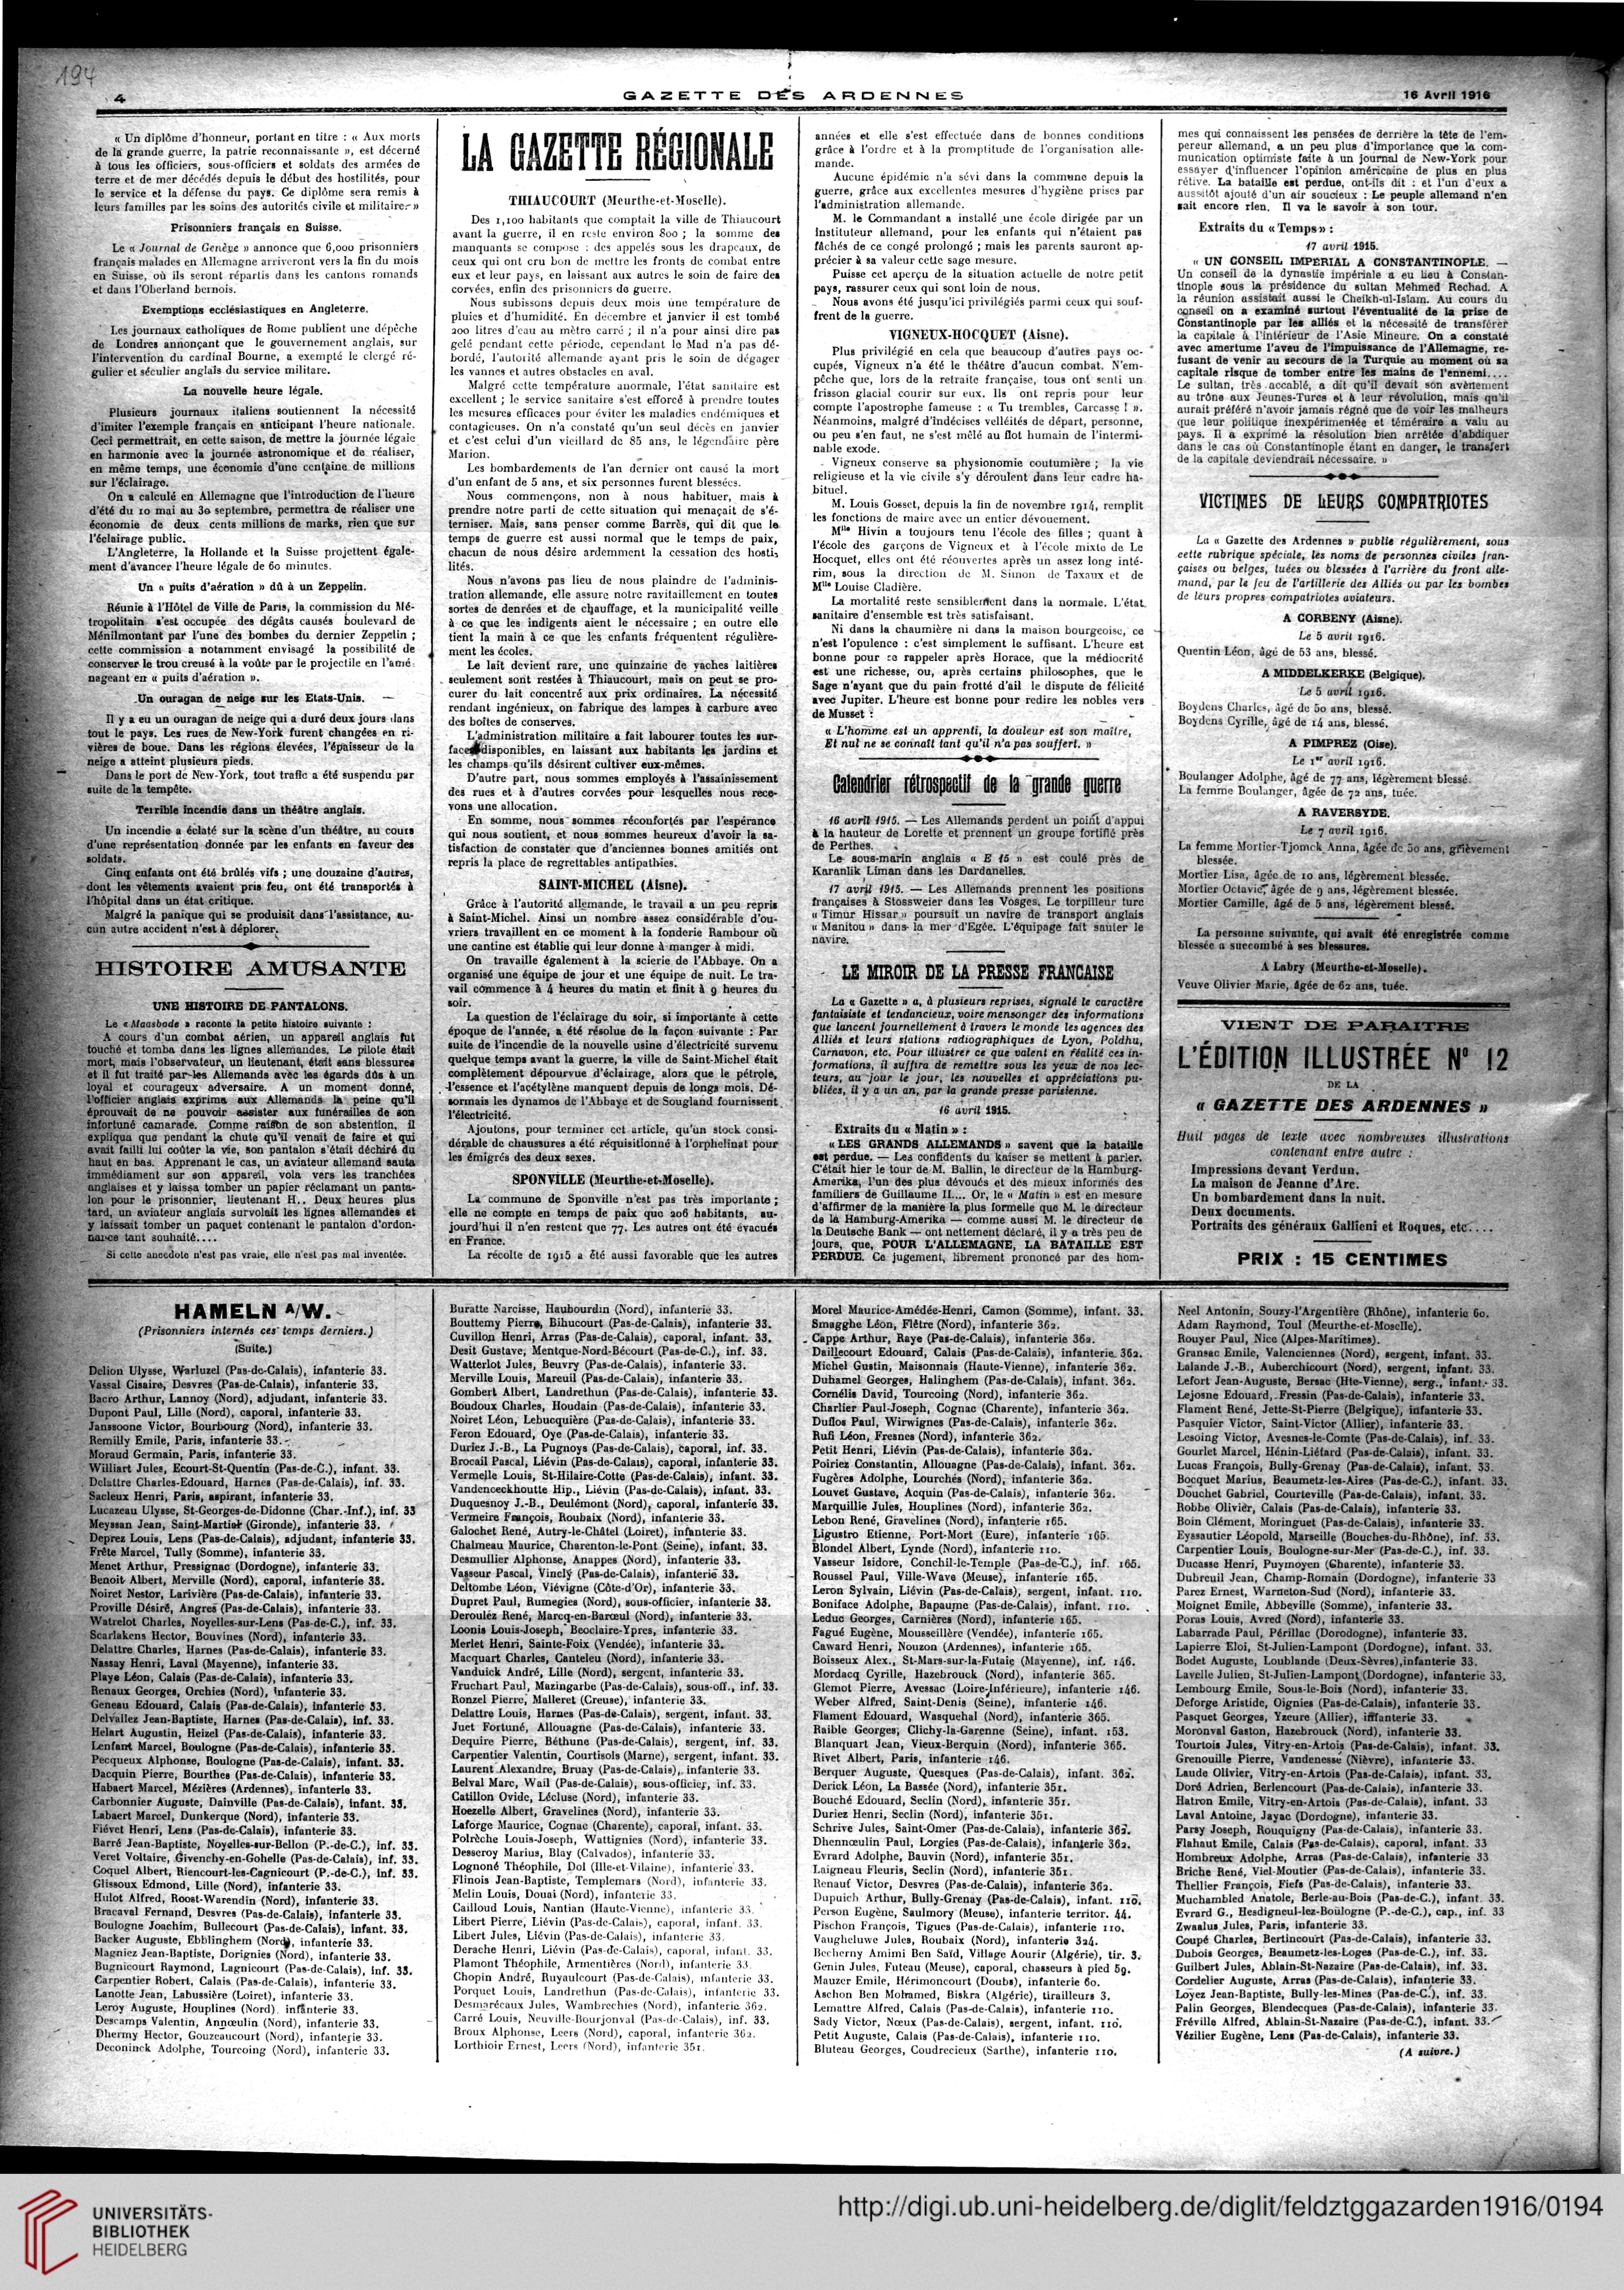 Gazette des Ardennes journal des pays occupés Januar 12